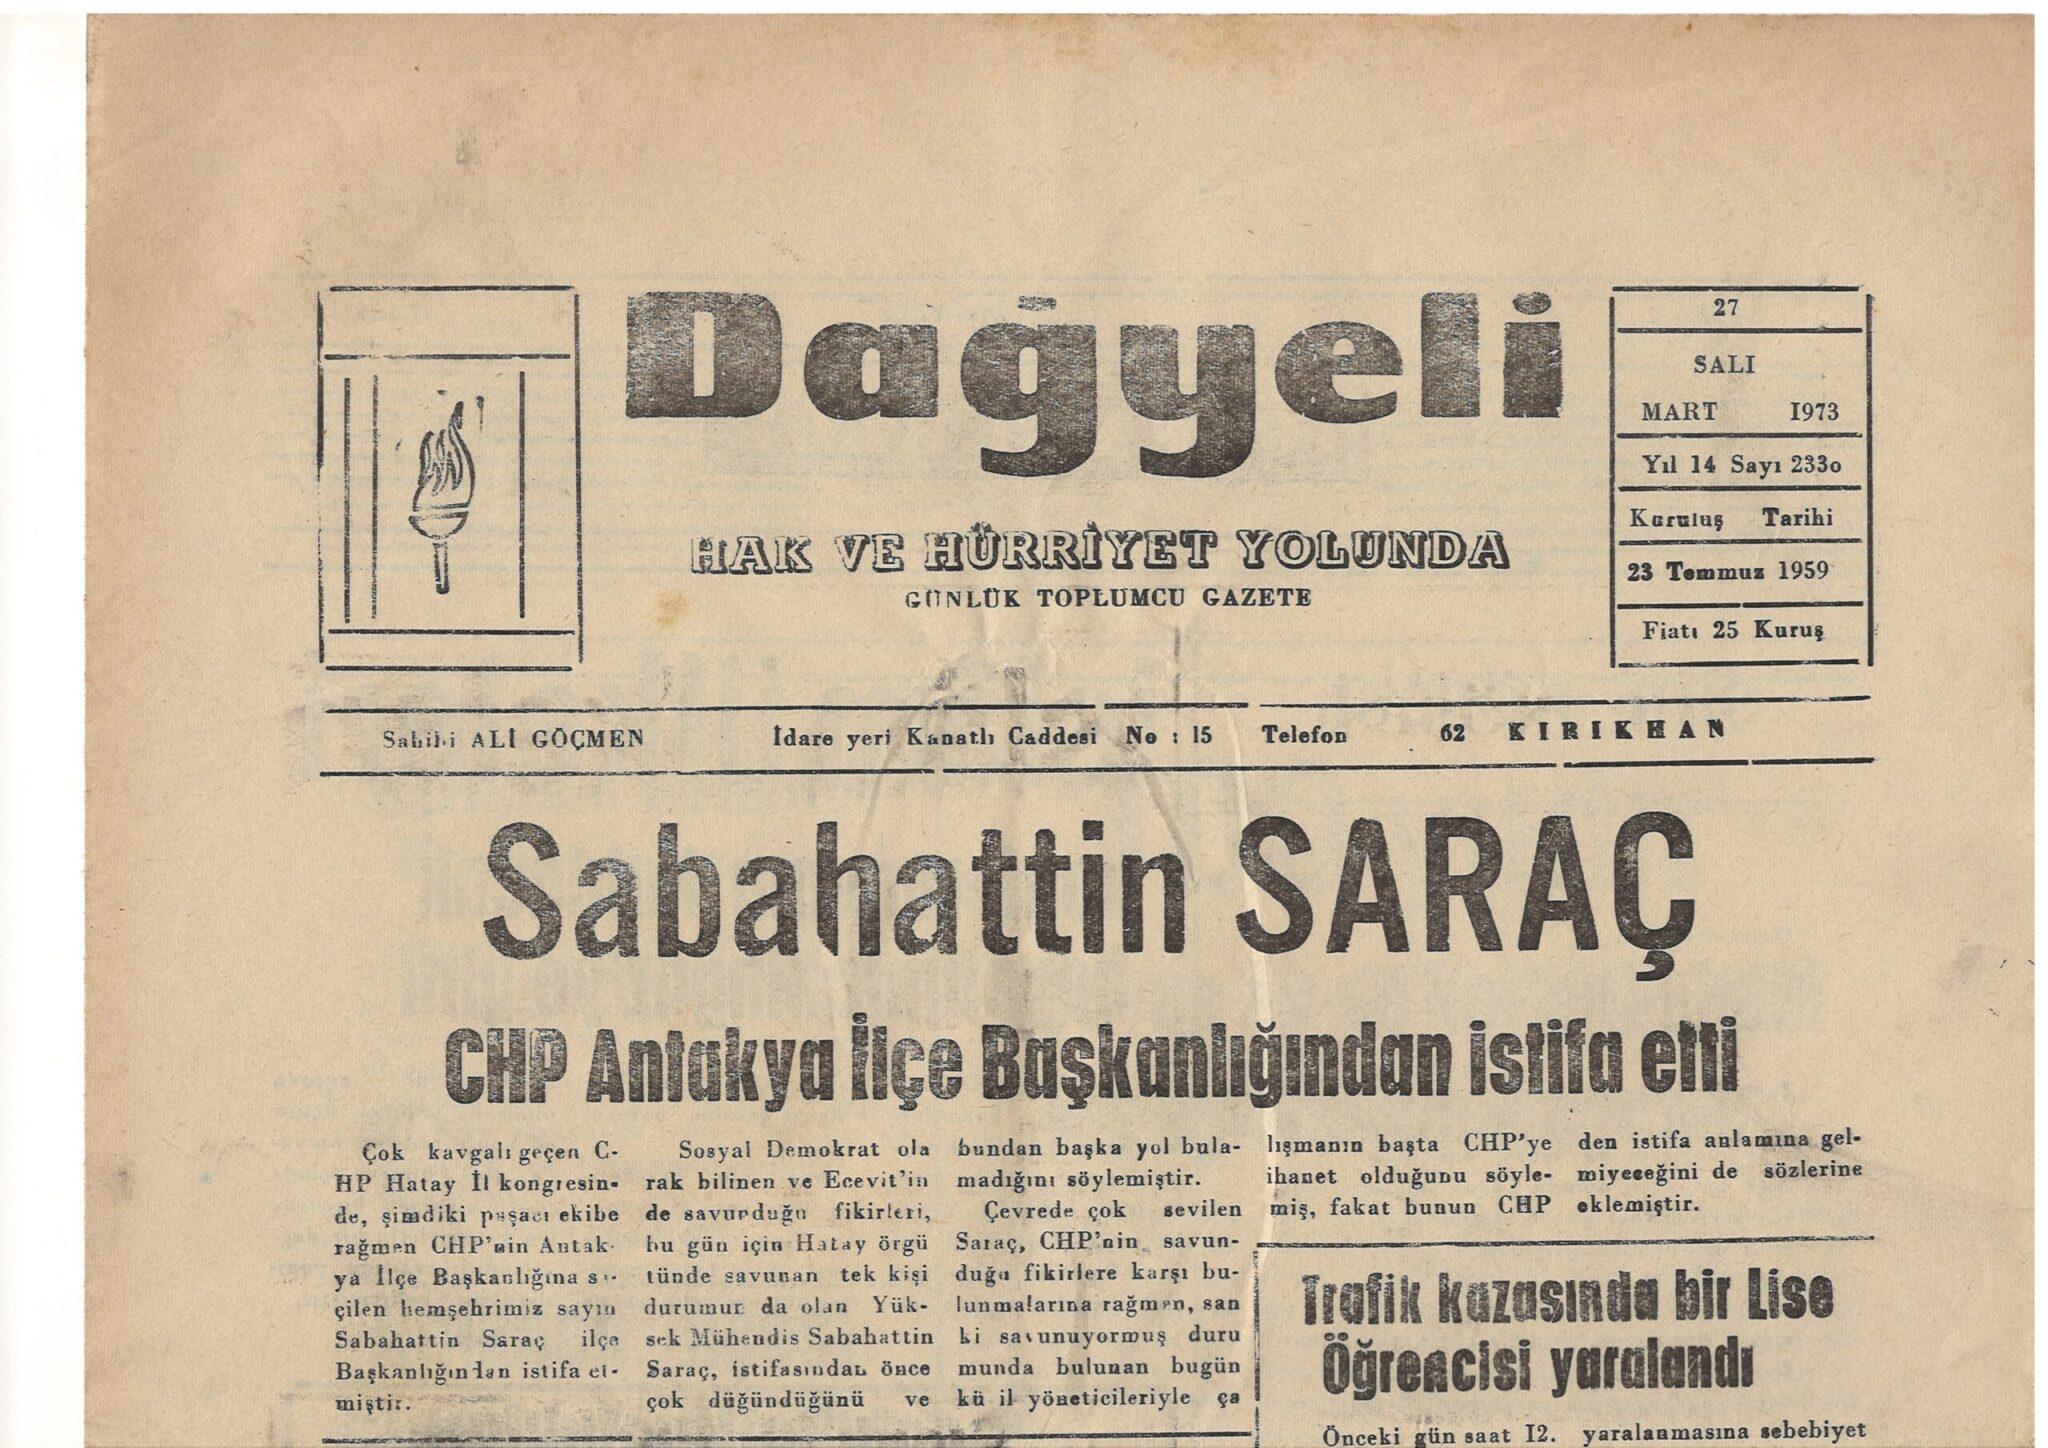 Hatay, Kırıkhan, Dağyeli Gazetesi, 27 Mart 1973